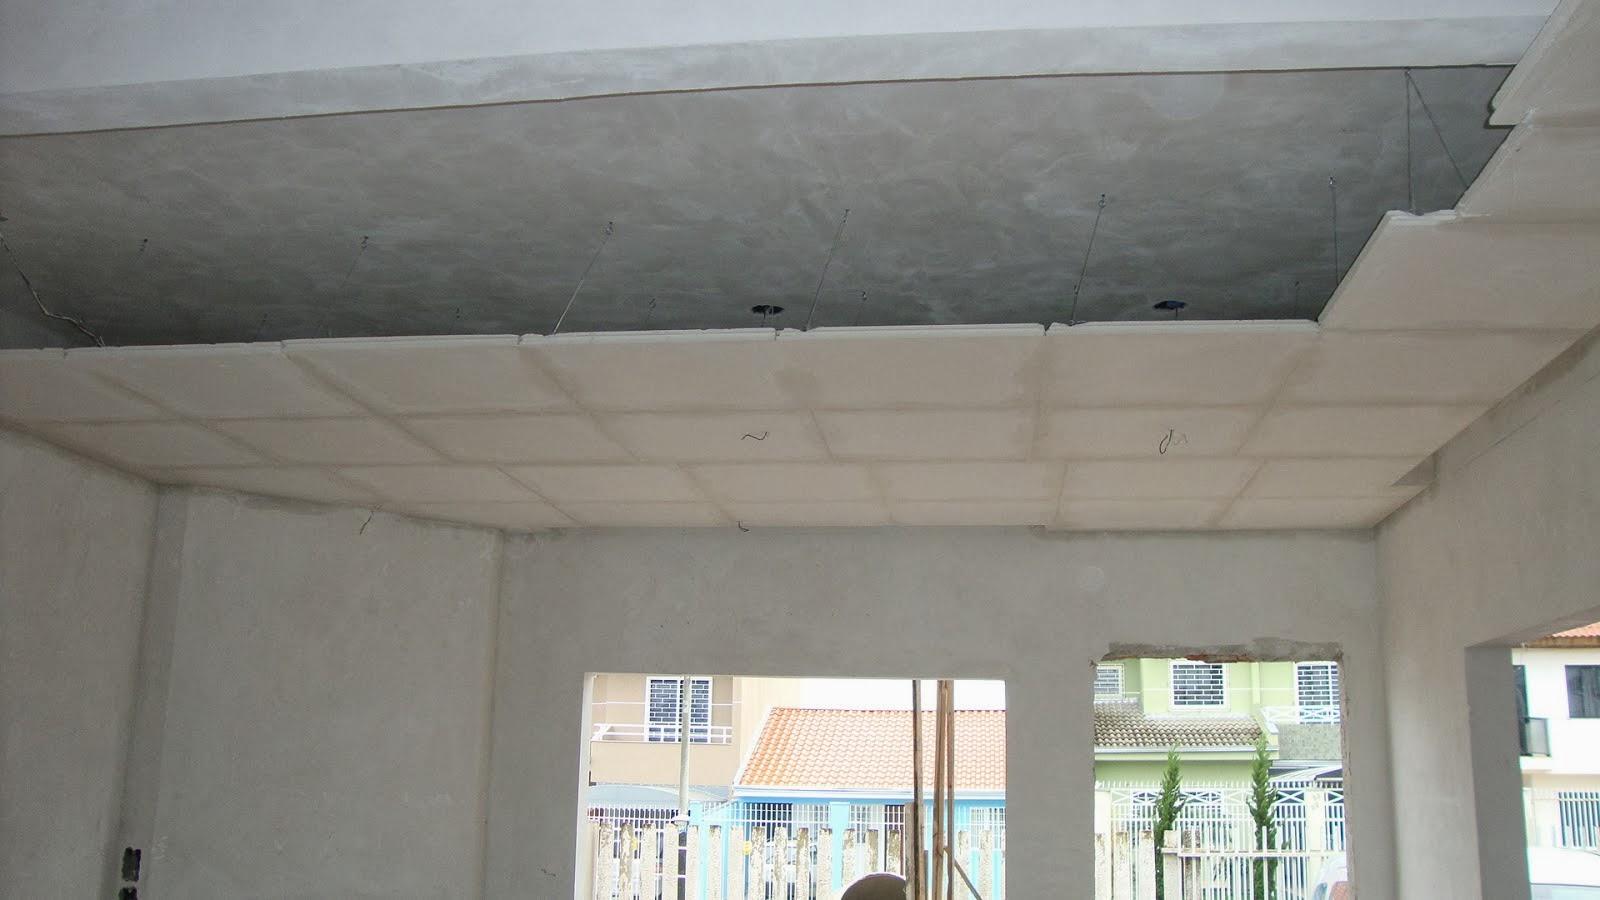 Design Gesso em Maringá: Forro de gesso #727059 1600x900 Banheiro Com Forro De Gesso